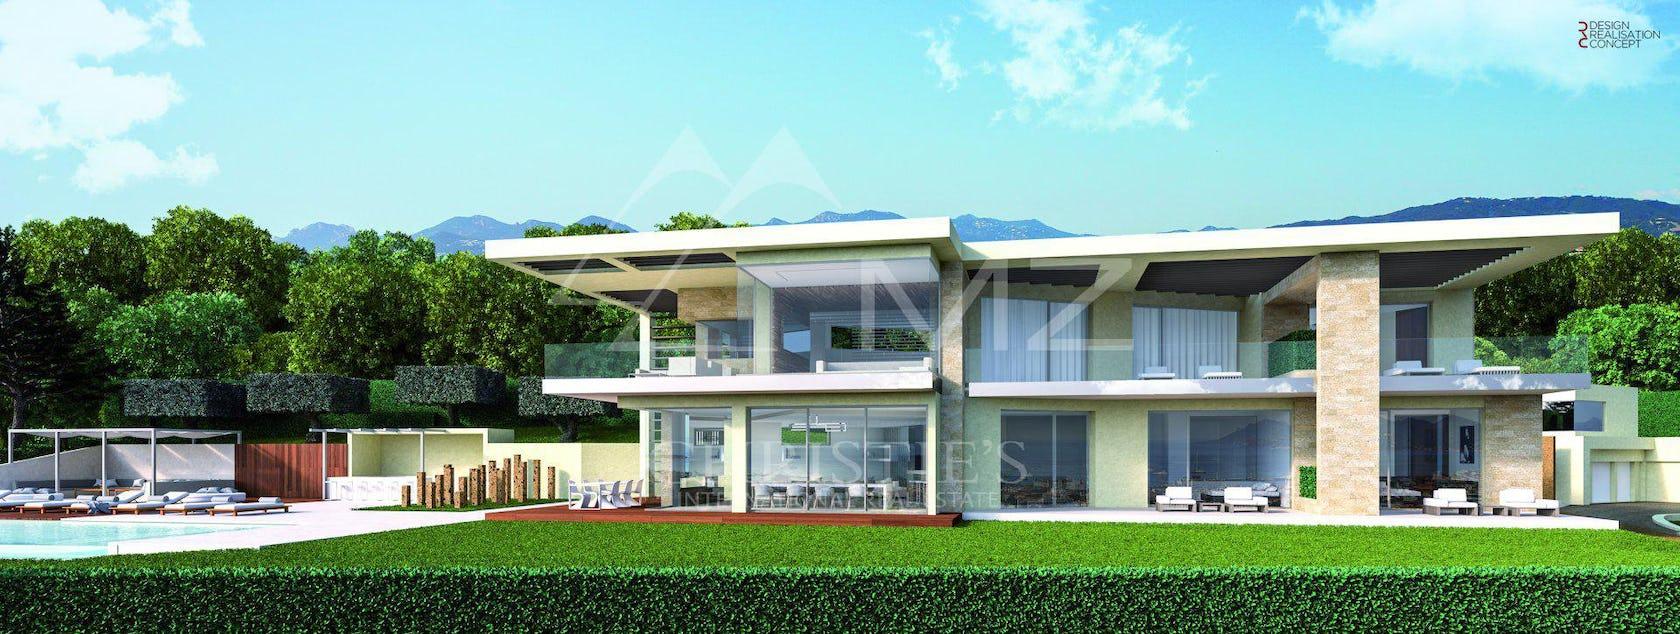 grass plant lawn building villa housing house architecture